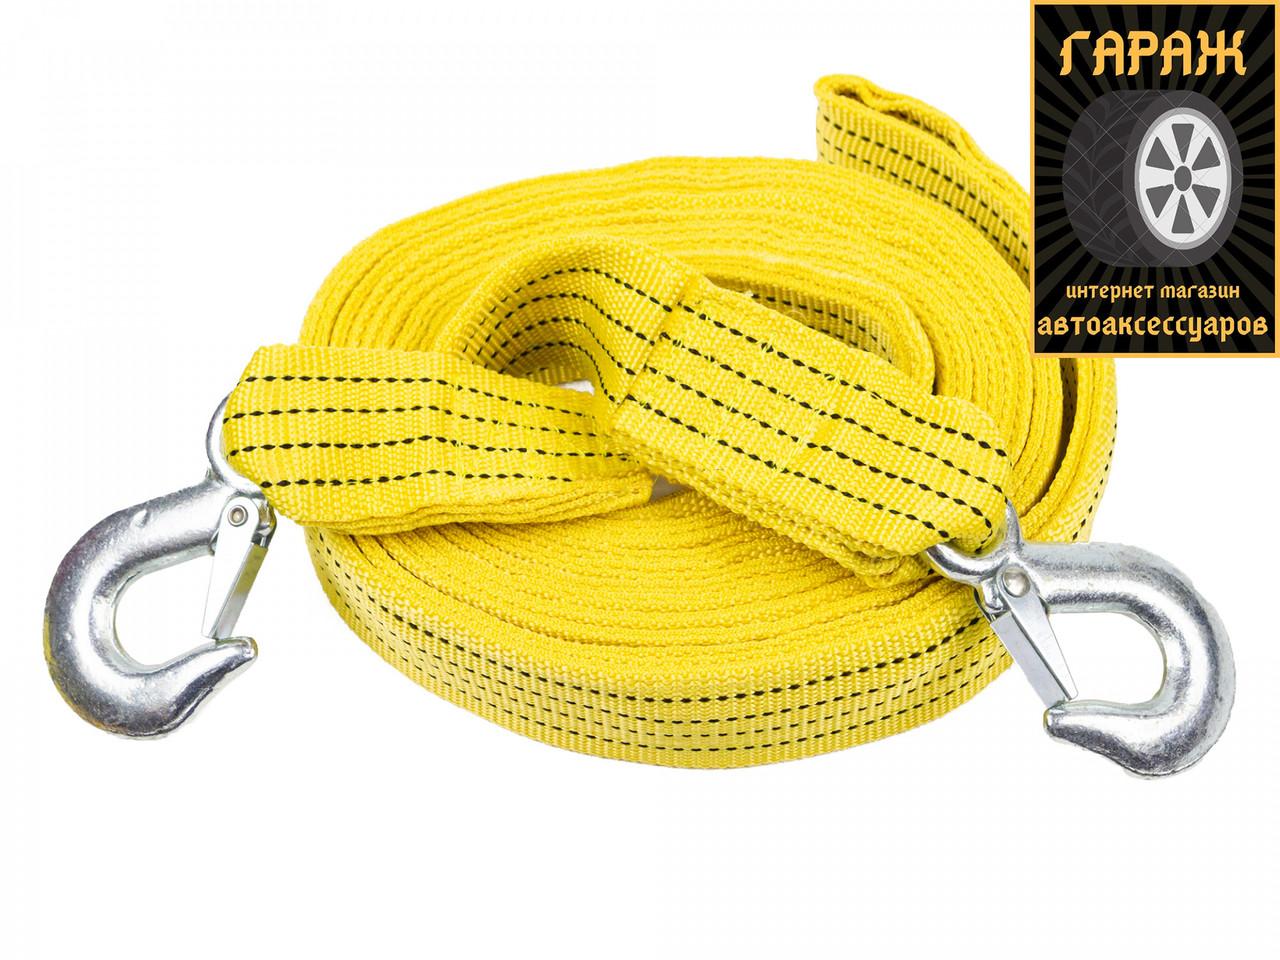 Трос буксировочный 8 т 4,0м желтый /крюк / сумка King LB-102